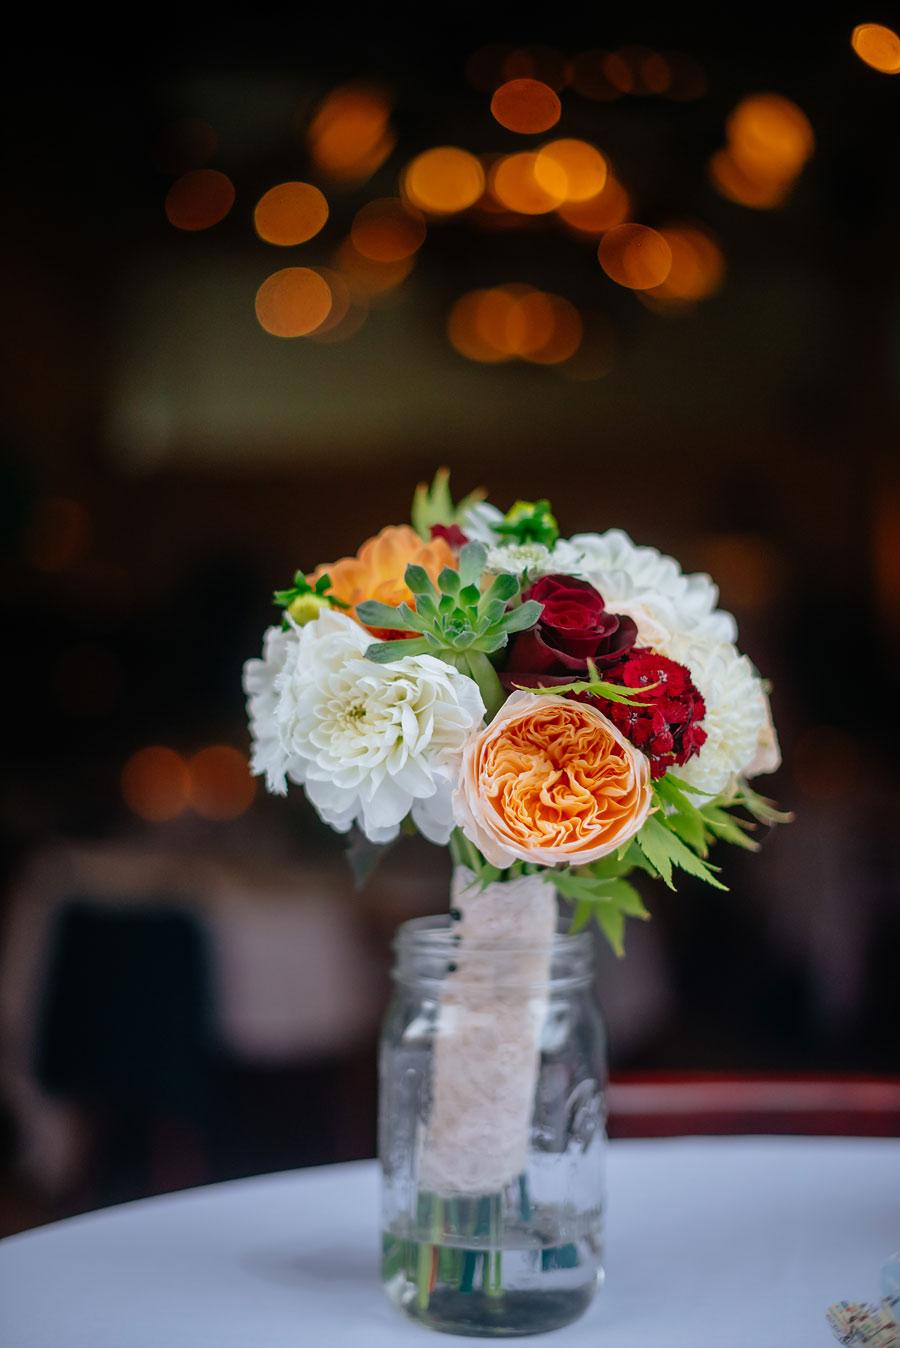 wedding details mason jar bouquet floral arrangement with maple tree trimmings1